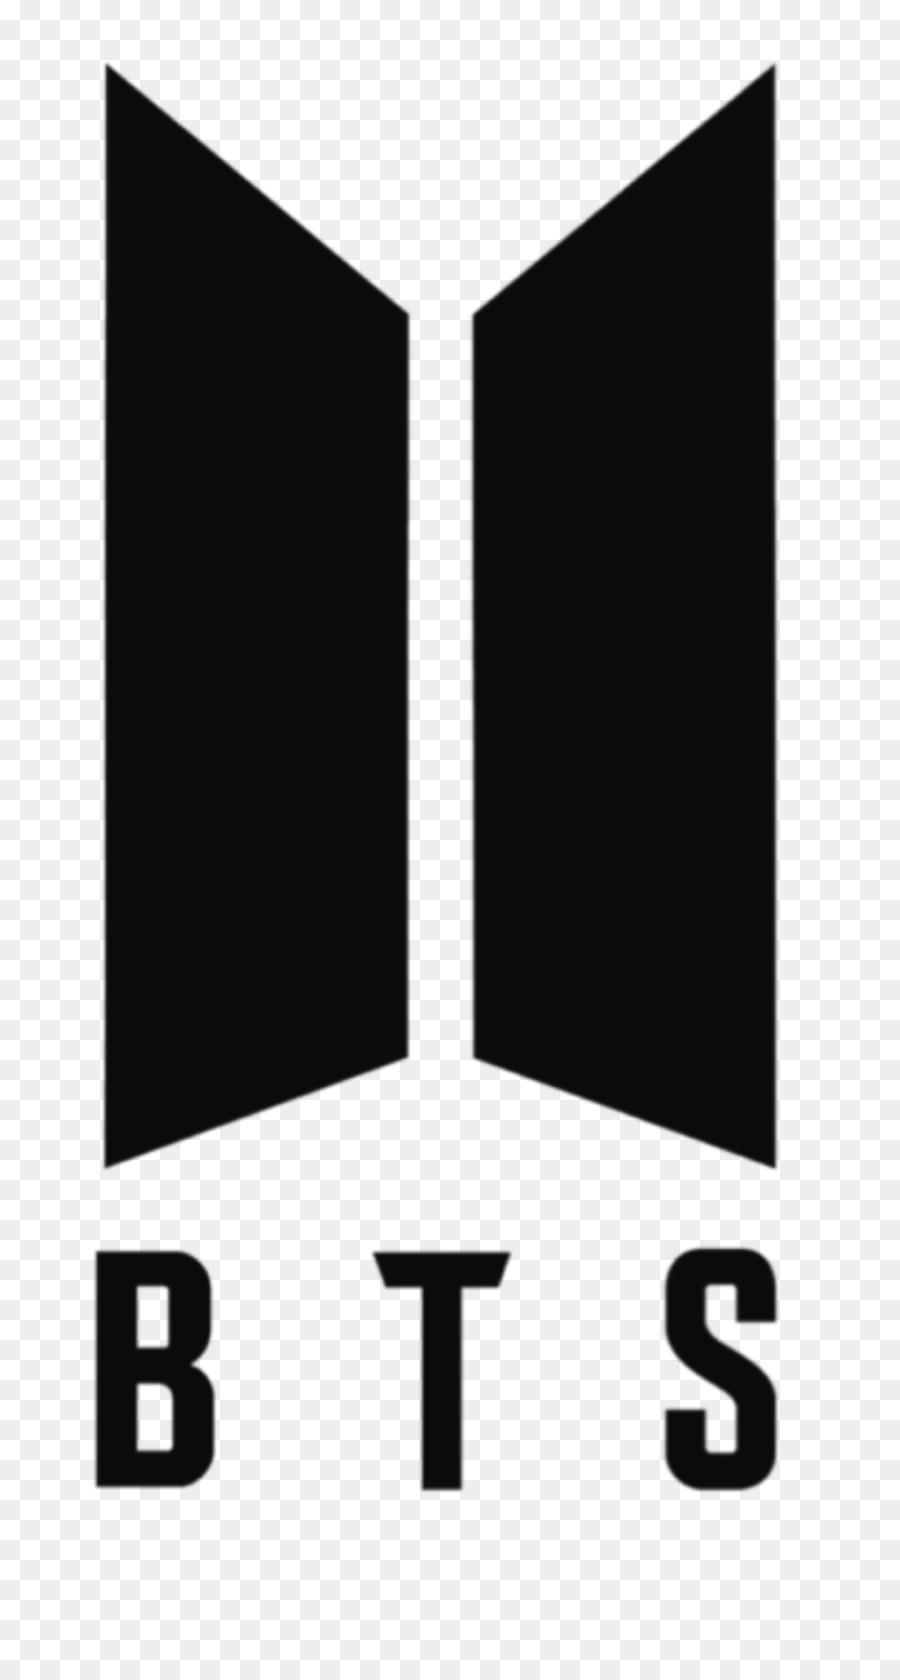 Bts Logo Background png download.